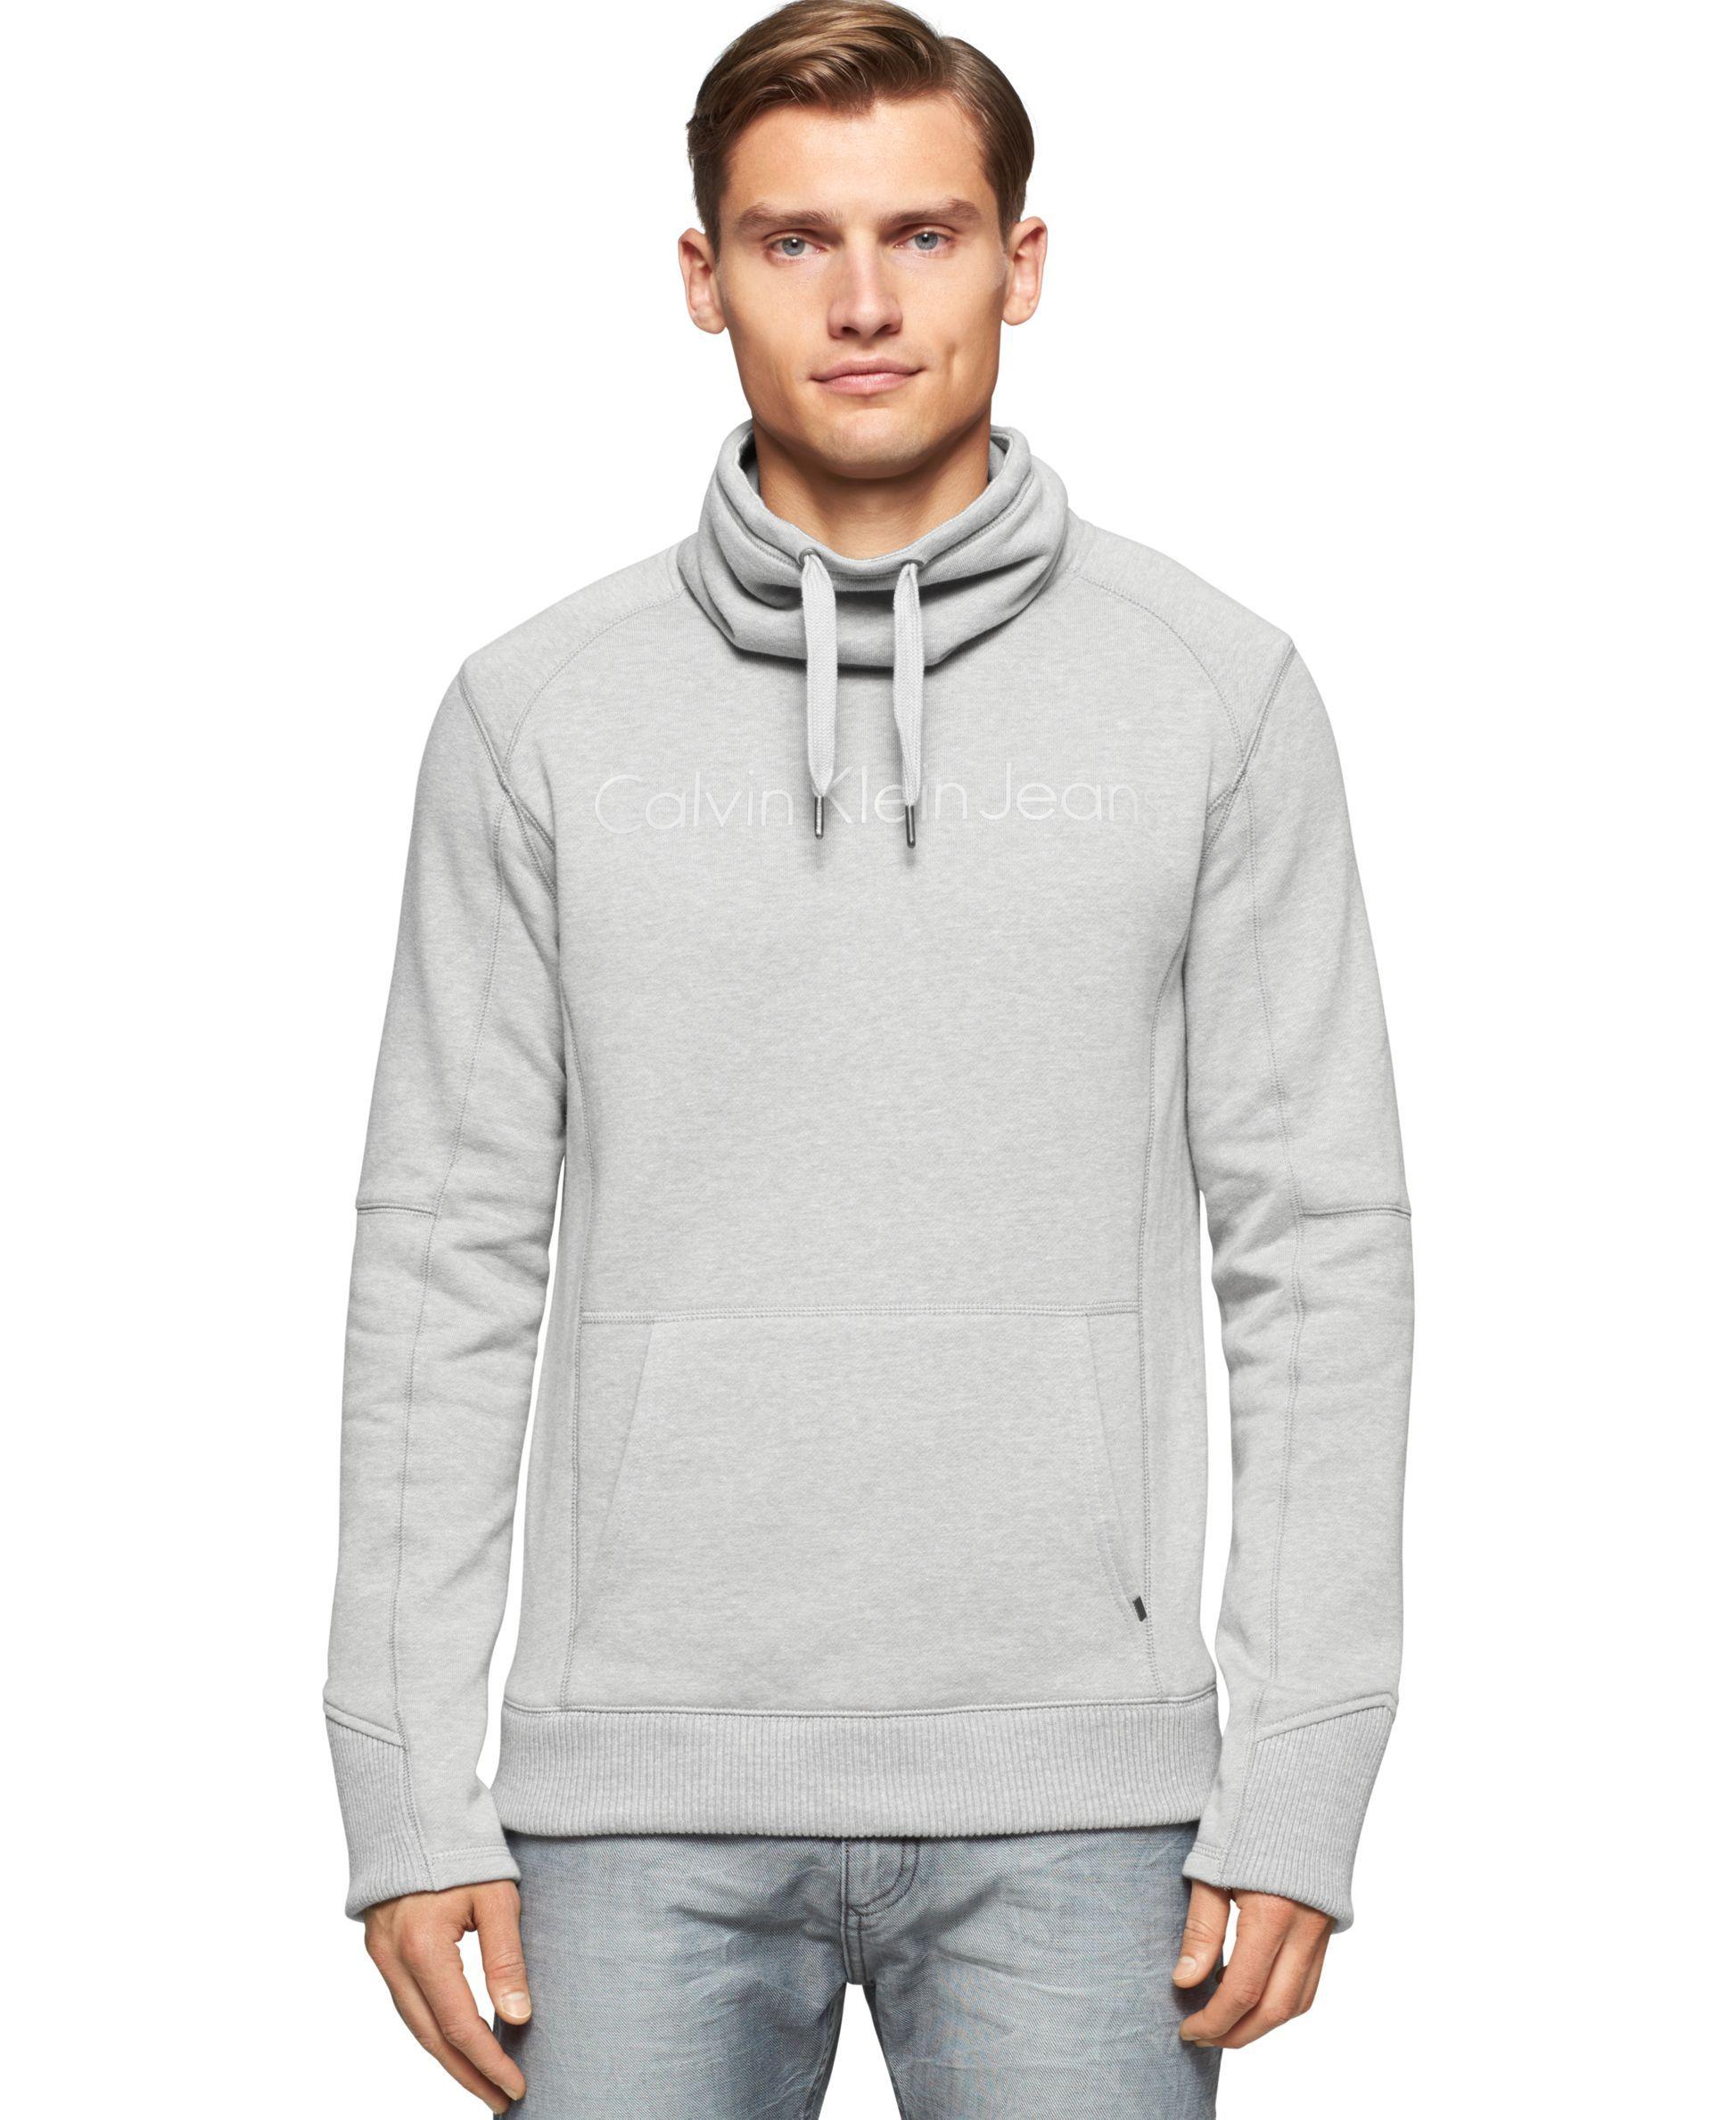 Calvin Klein Jeans Melange Fleece Funnel Neck Sweater Sweaters Men Macy S Mens Outfits Sweaters Funnel Neck Sweater [ 2378 x 1947 Pixel ]